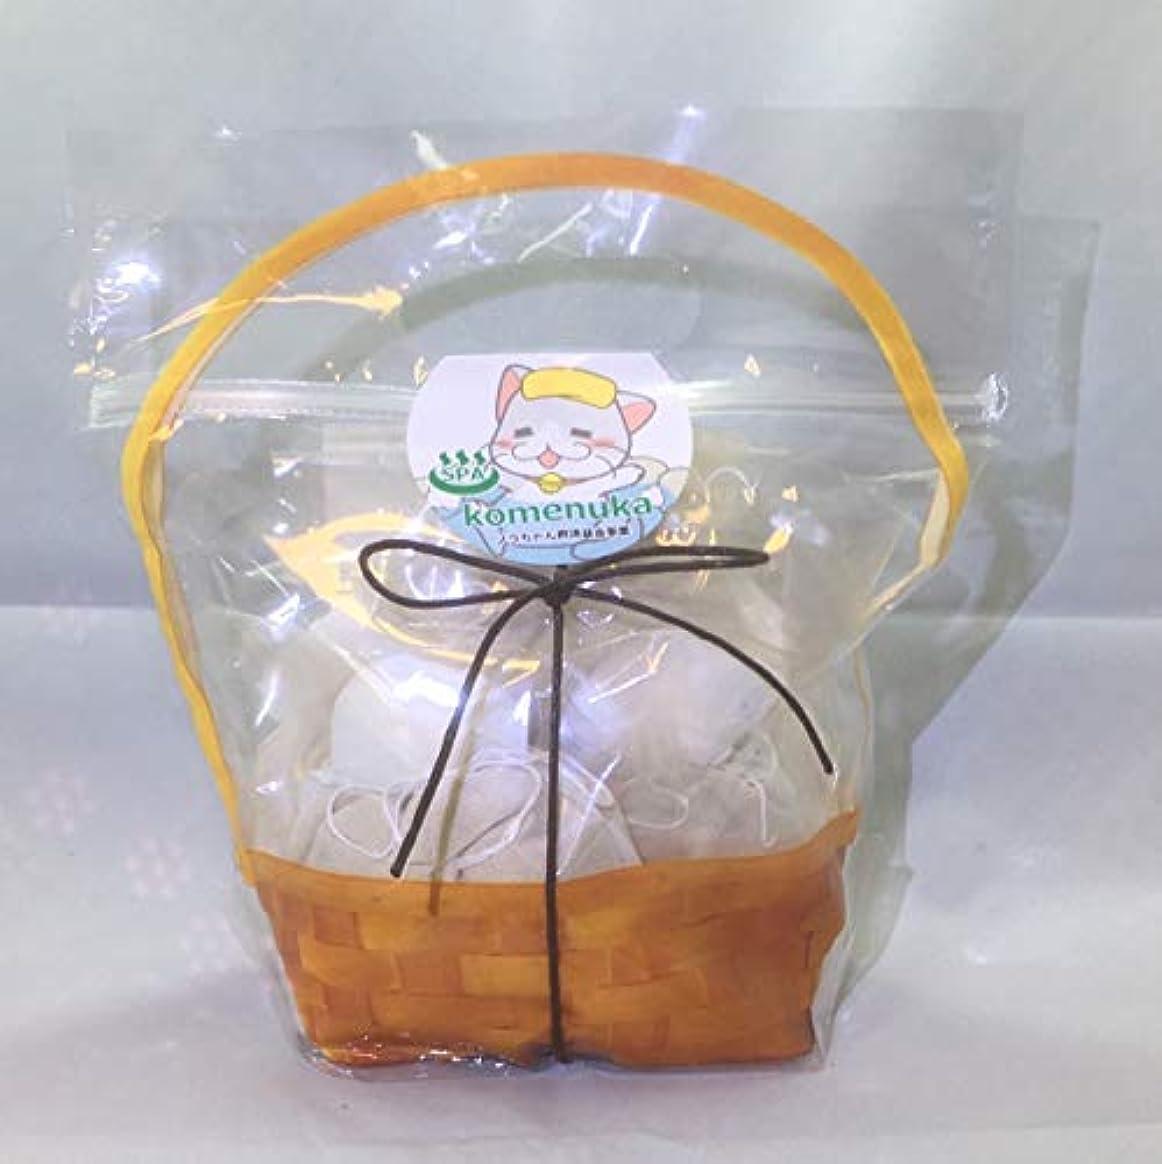 トラフ通知する代わりに【ジロちゃんの米ぬかSPA】米ぬか入浴剤 有機栽培米ぬか100%ぬか袋 米ぬか入浴剤 無添加 個別包装